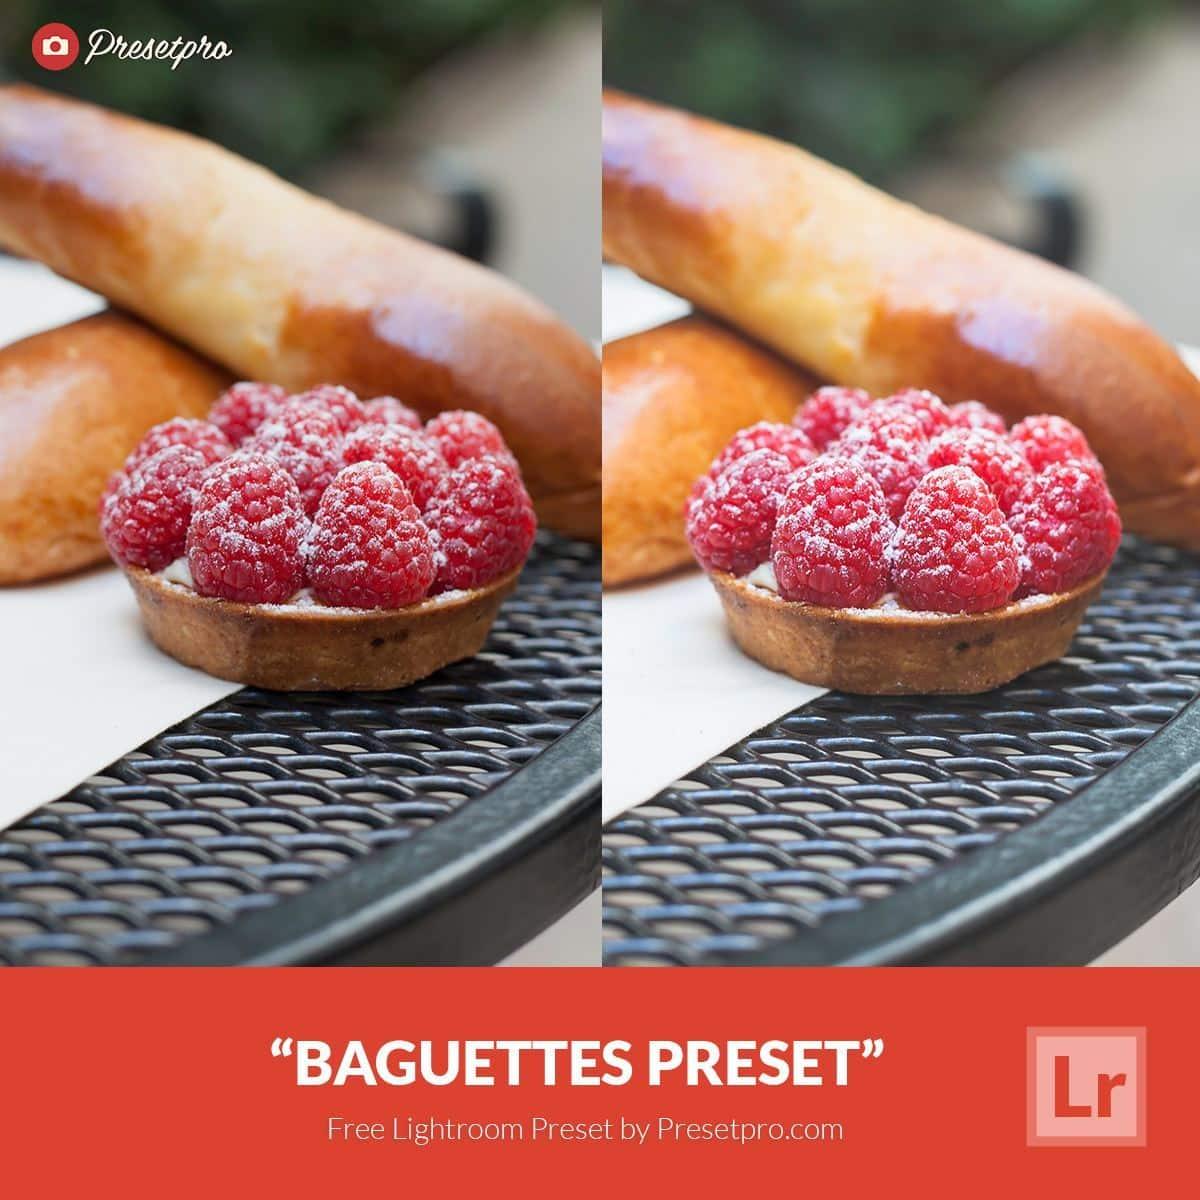 Free-Lightroom-Preset-Baguettes